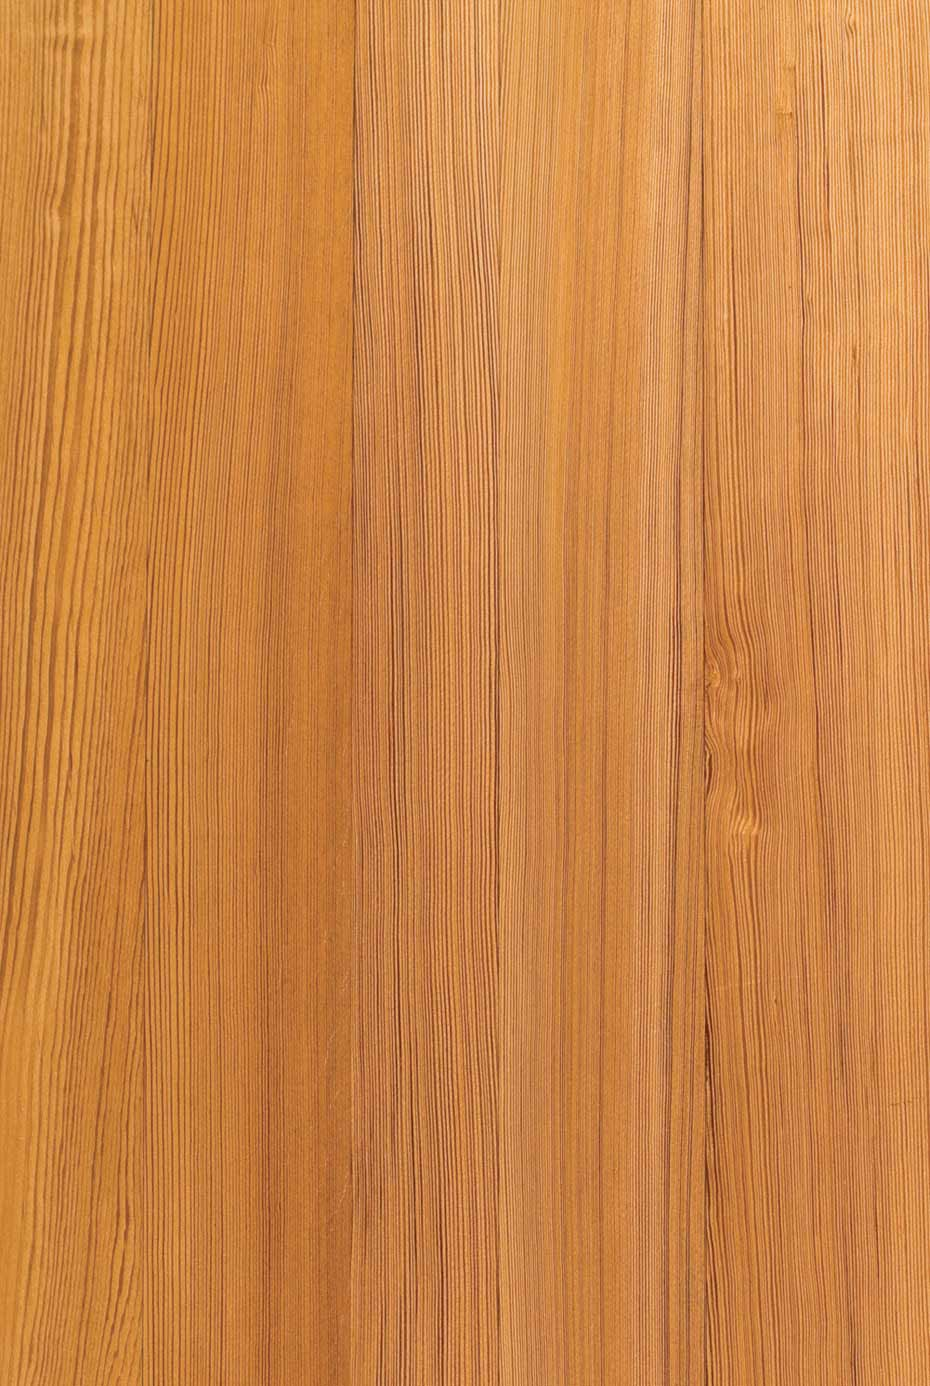 Pine Flooring Antique Pine Flooring Syp Direct Announces